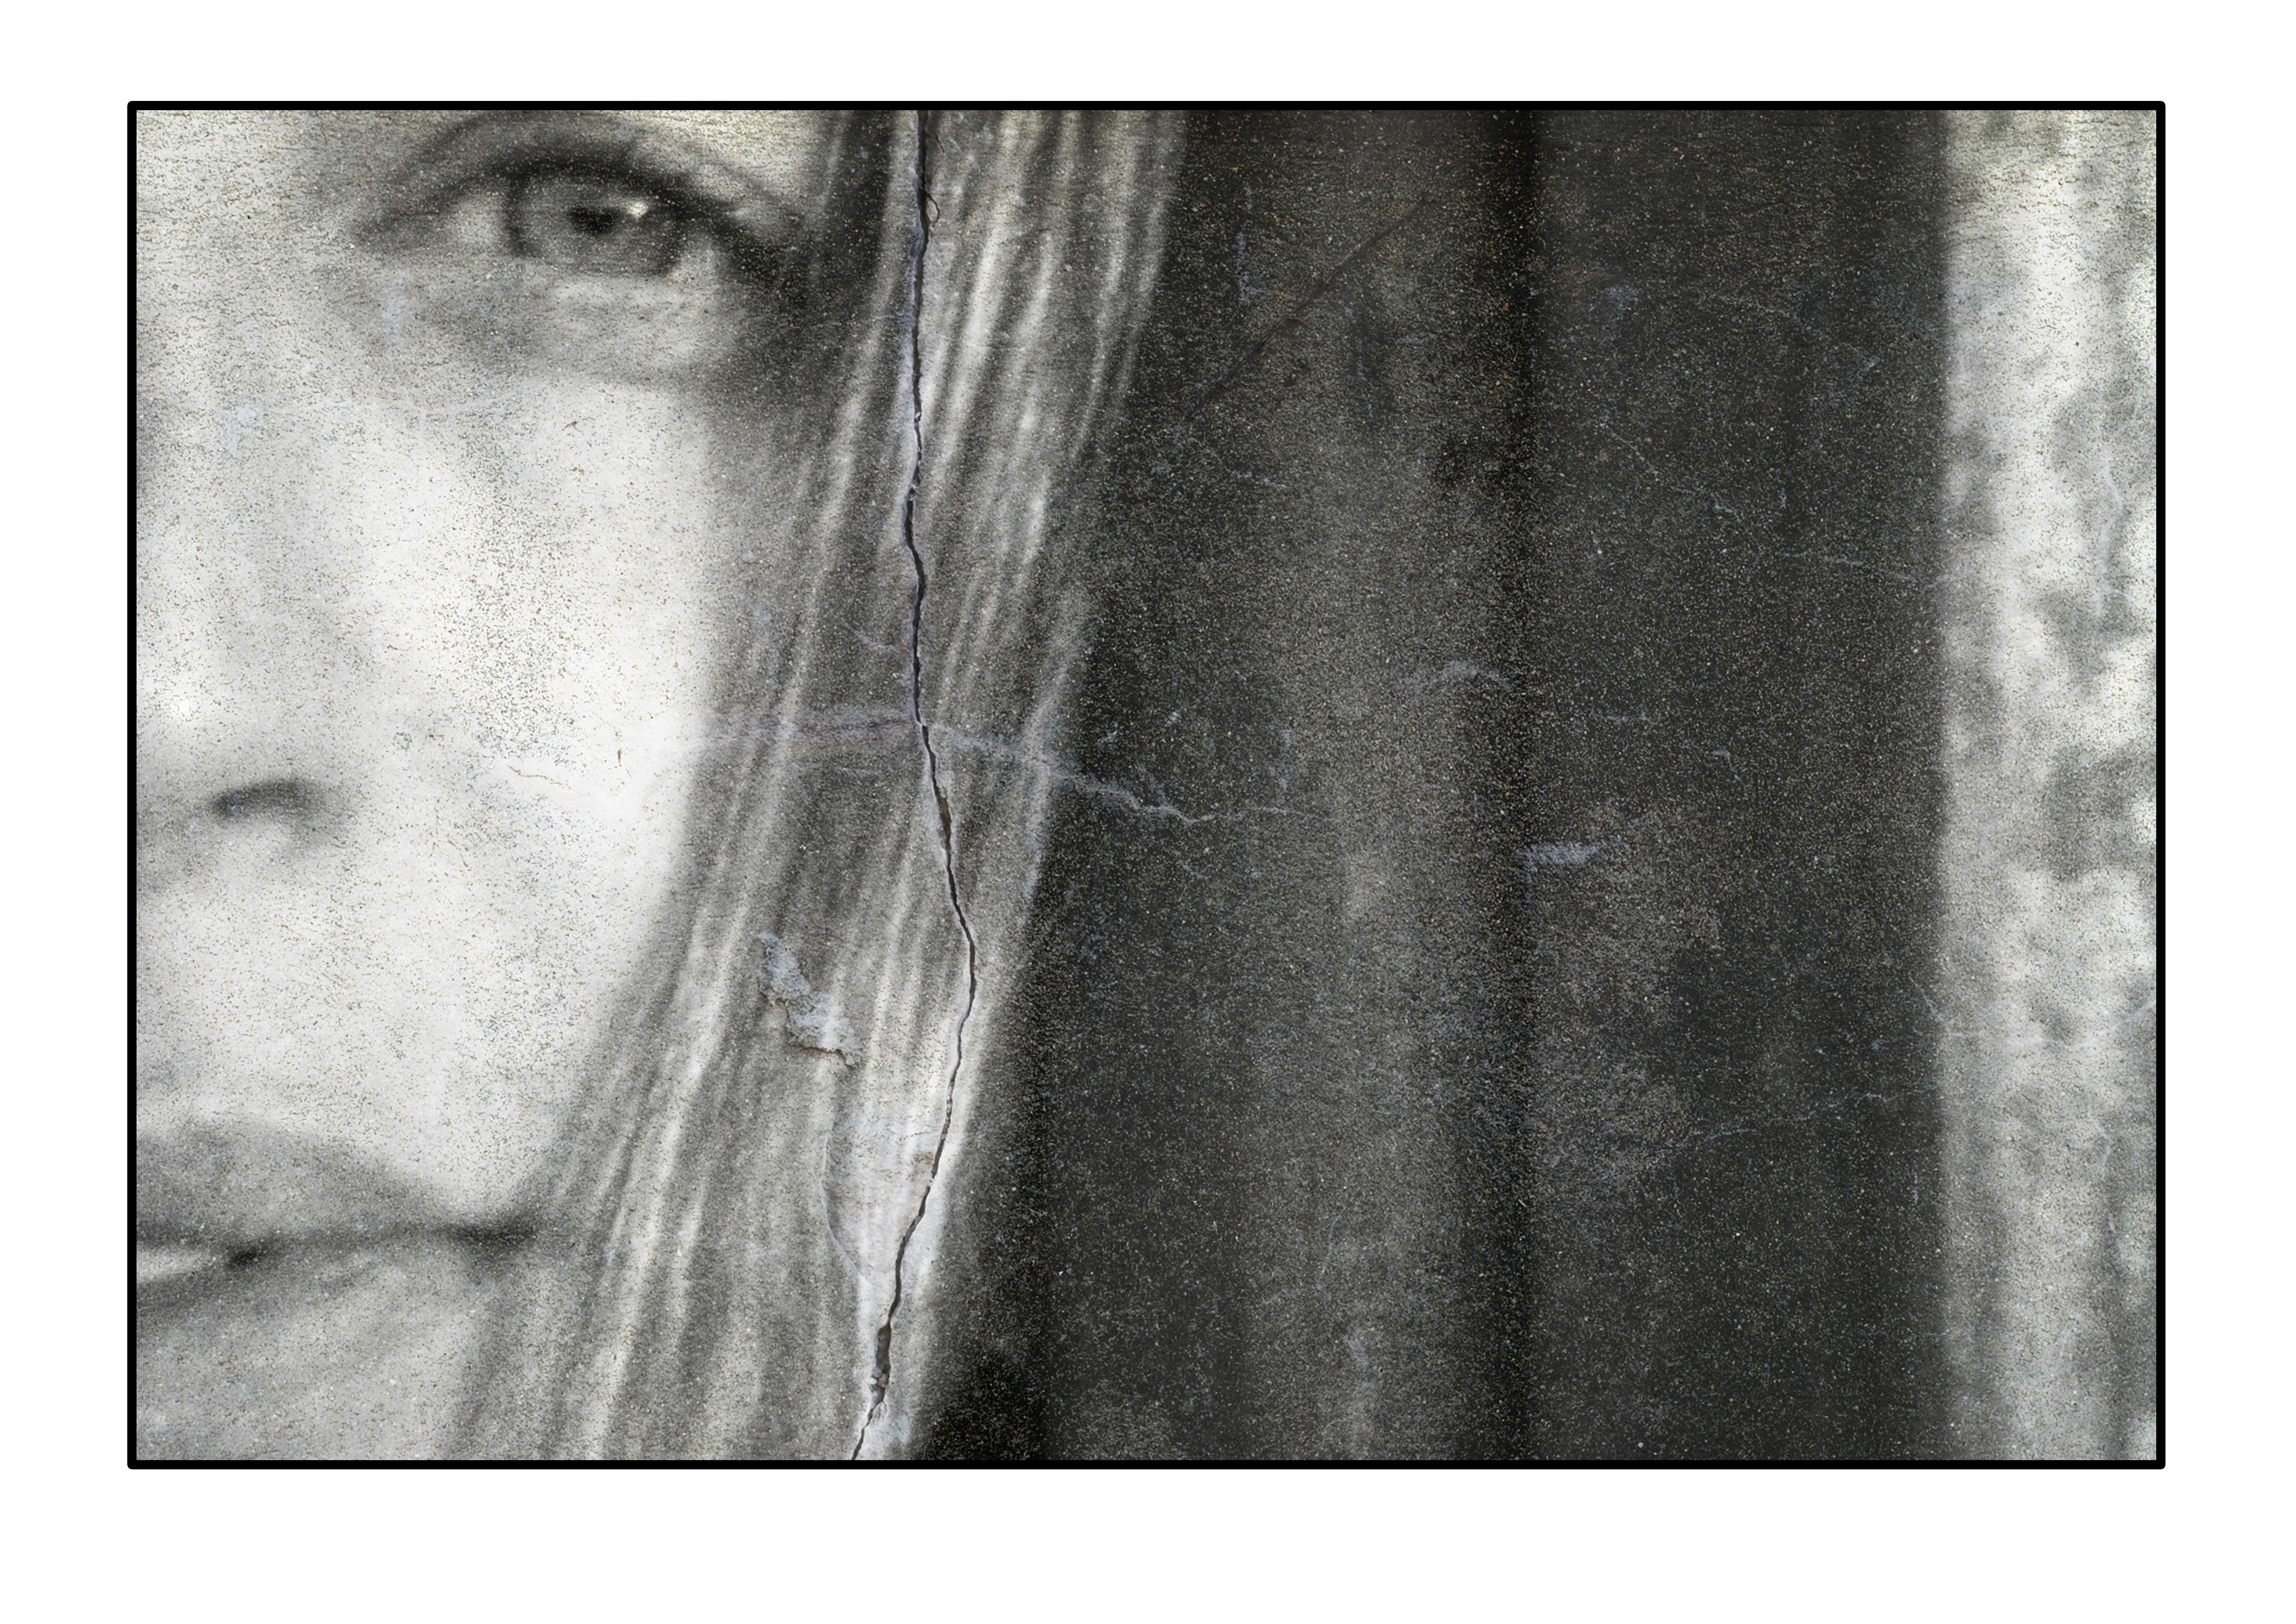 selbstporträt#